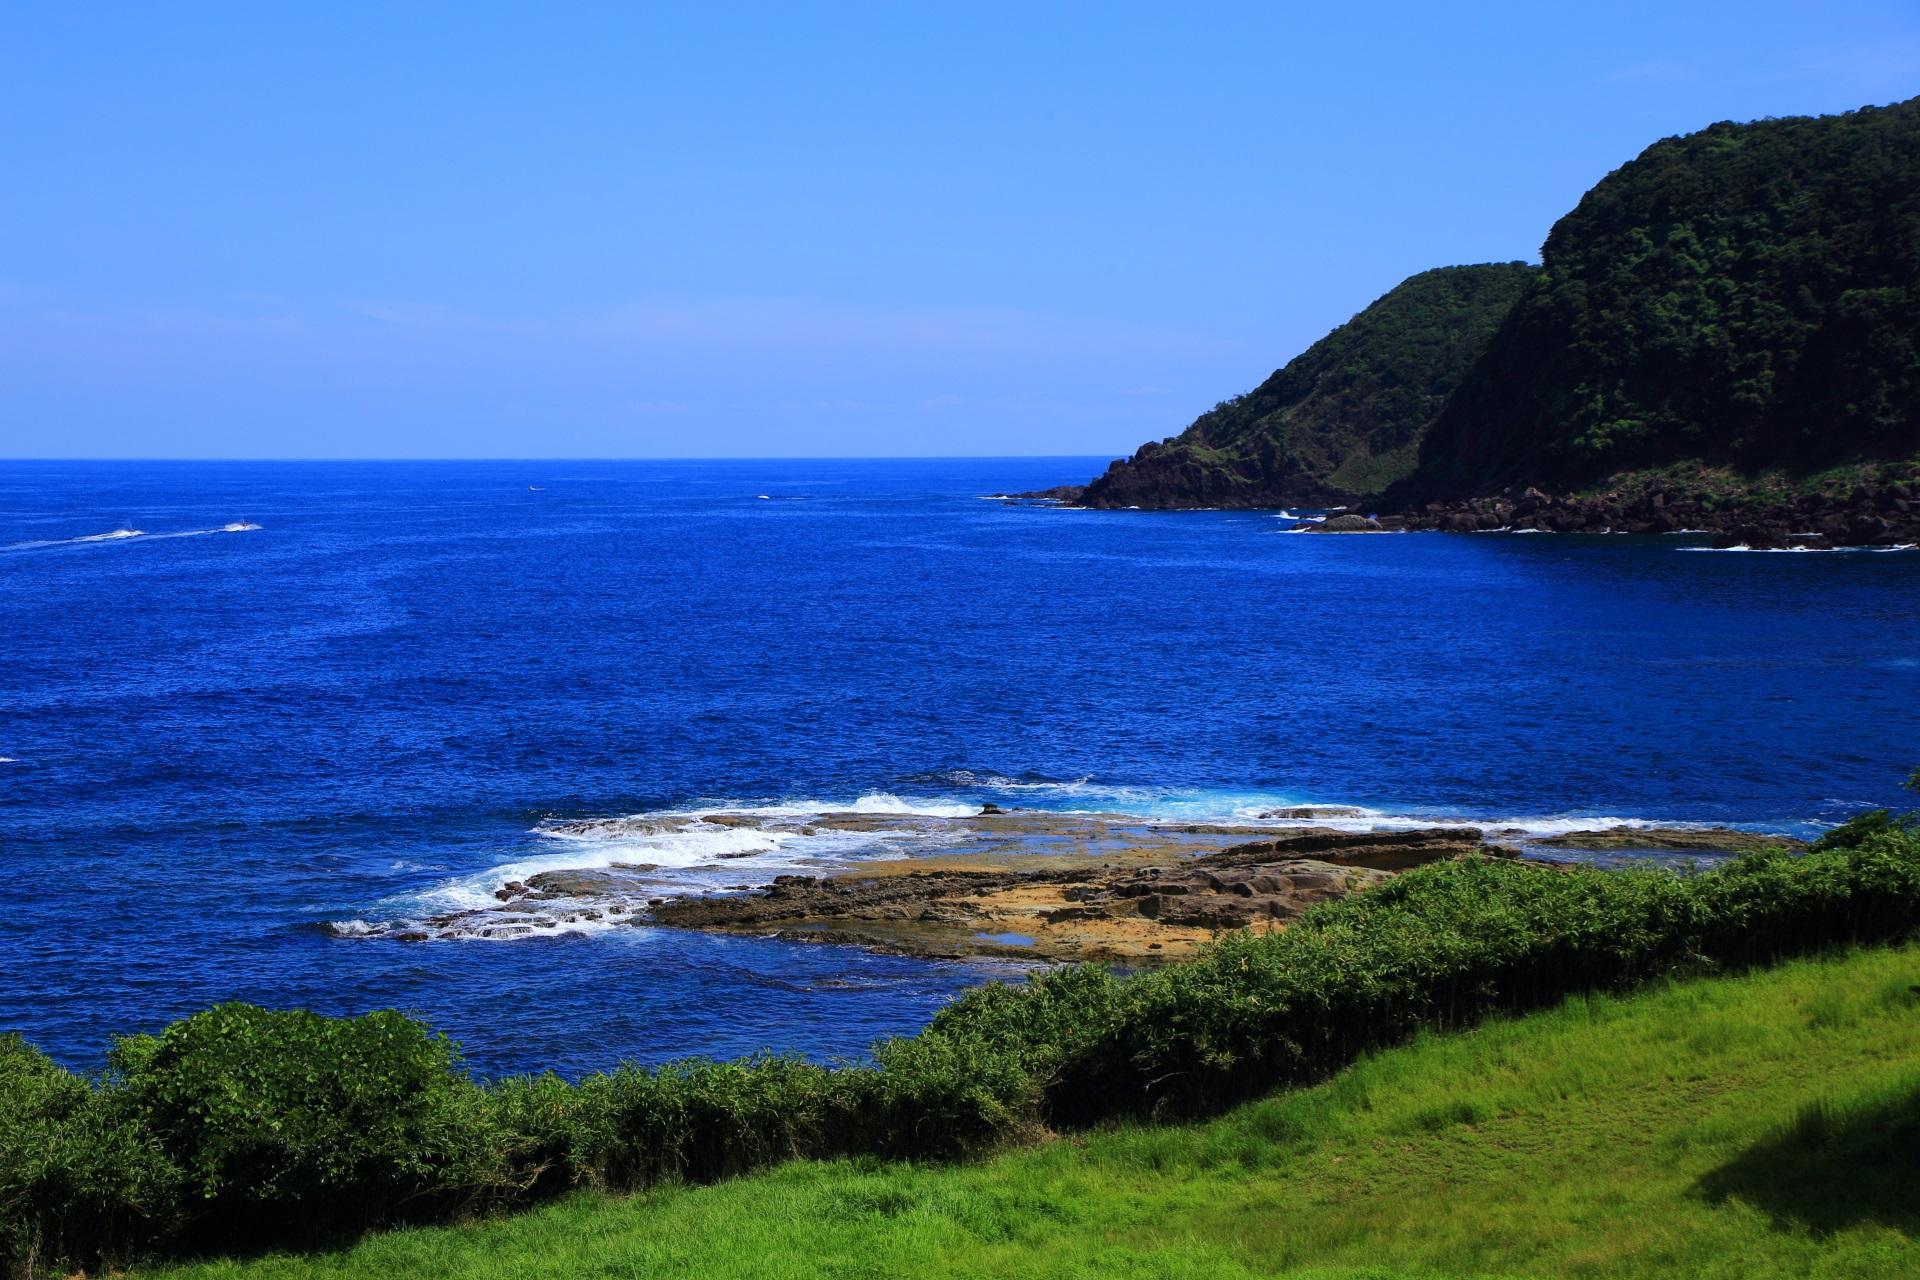 五色浜園地からの眺めと「田尻」の岩場